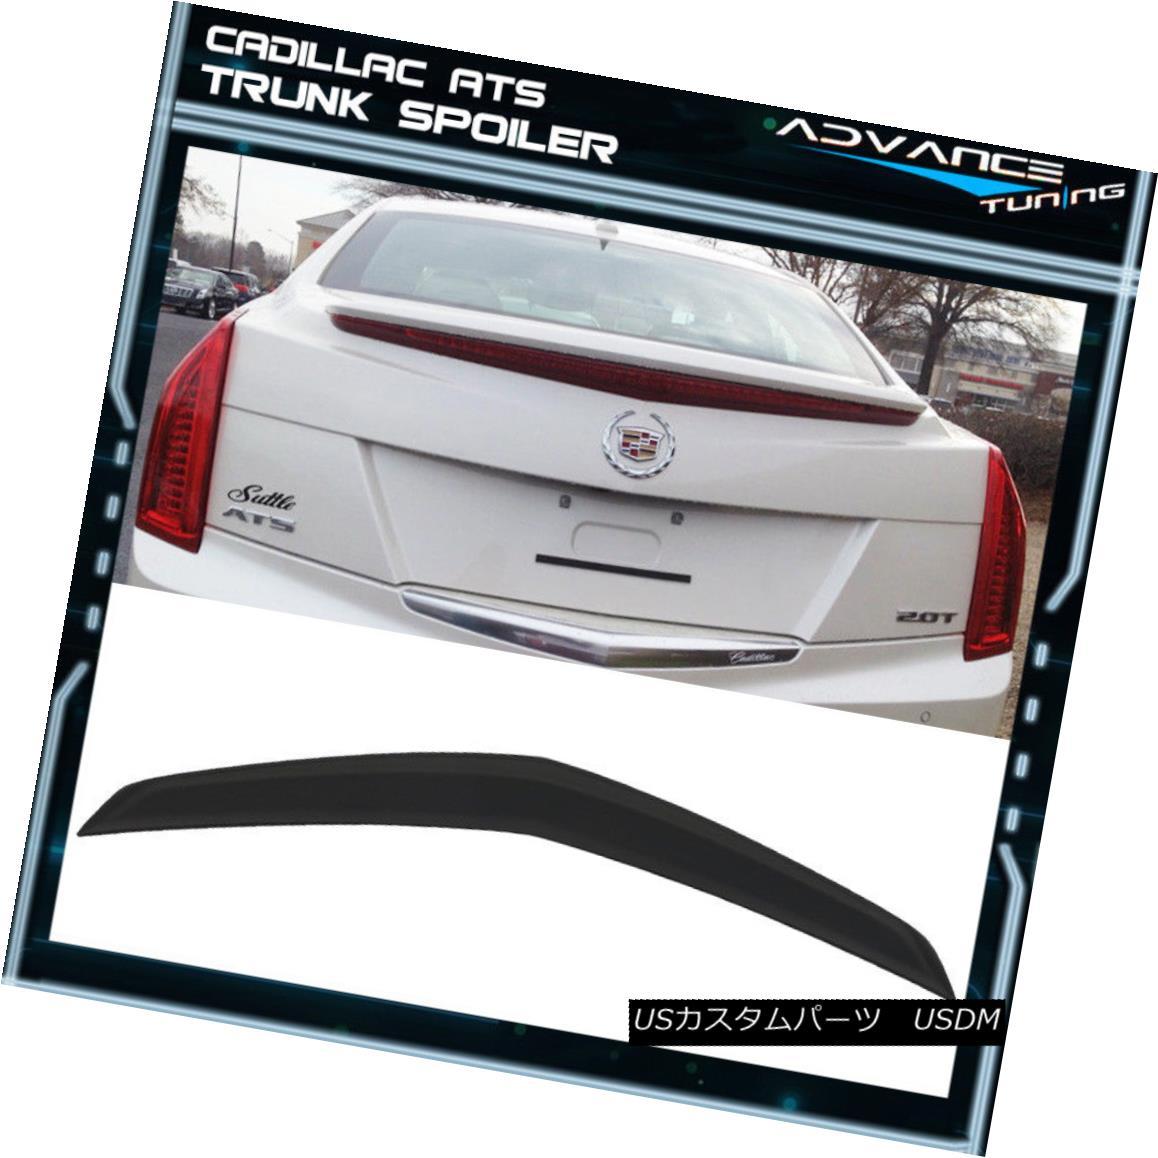 エアロパーツ Fits 13-18 Cadillac ATS OE Flush Mount Deck Trunk Spoiler Aero Wing Unpaint ABS フィット13-18キャデラックATS OEフラッシュマウントデッキトランクスポイラーエアロウイングUnpaint ABS